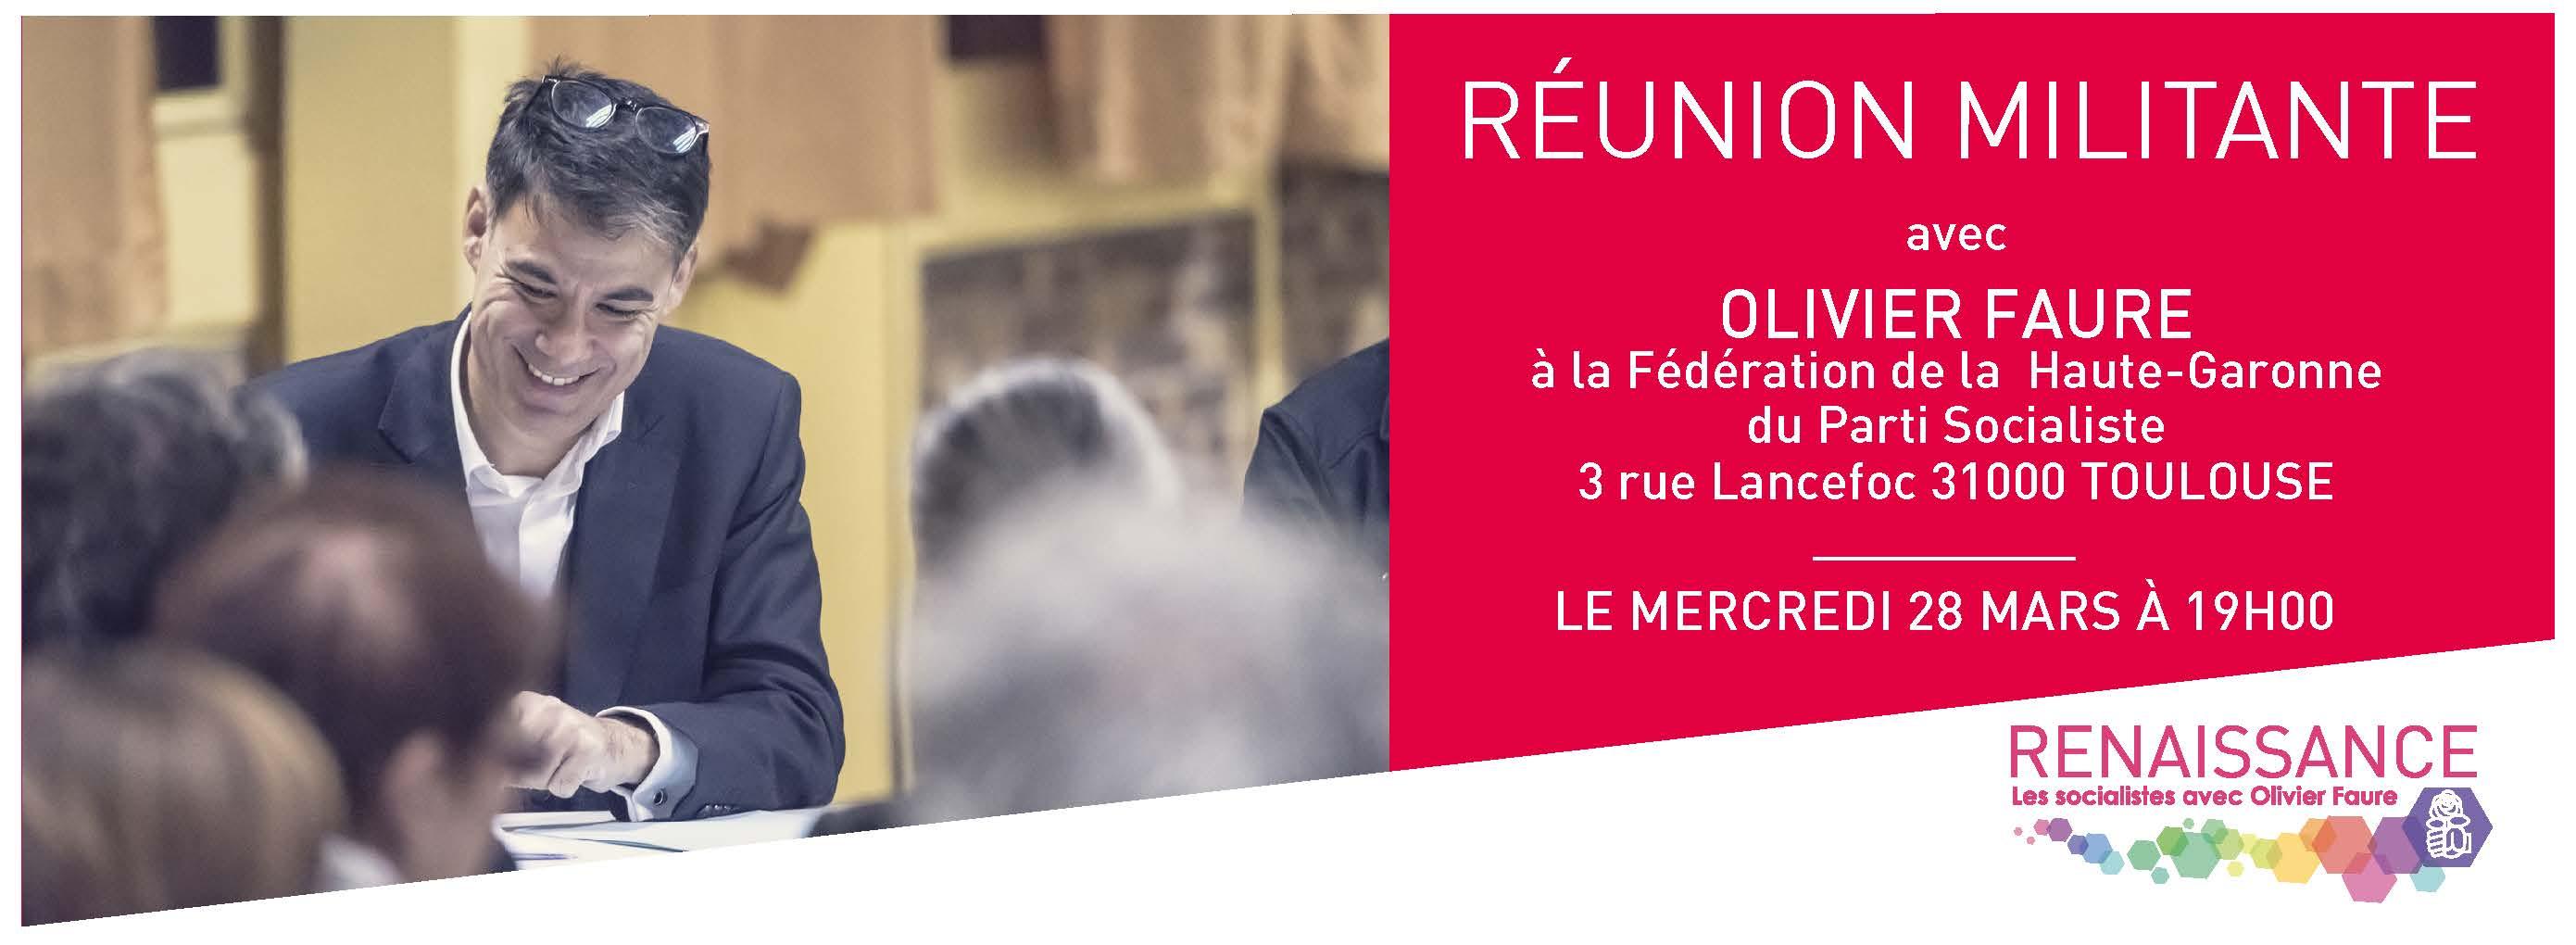 Olivier FAURE à Toulouse - Mercredi 28 mars à 19h00